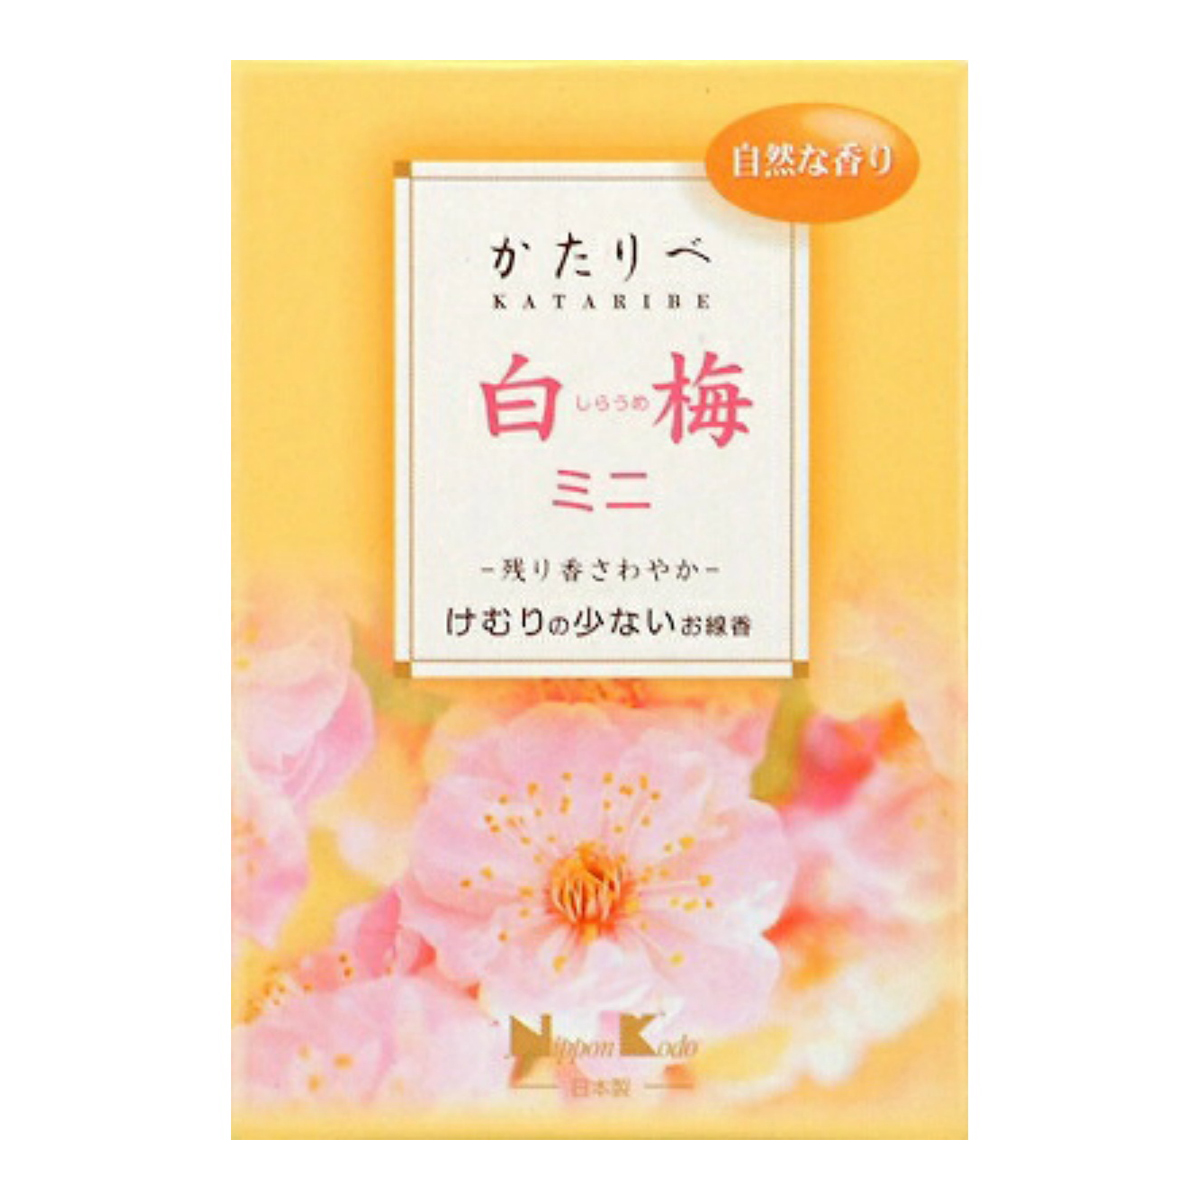 【送料無料】日本香堂 かたりべ 白梅 ミニ×80点セット まとめ買い特価!ケース販売 ( 4902125263352 )